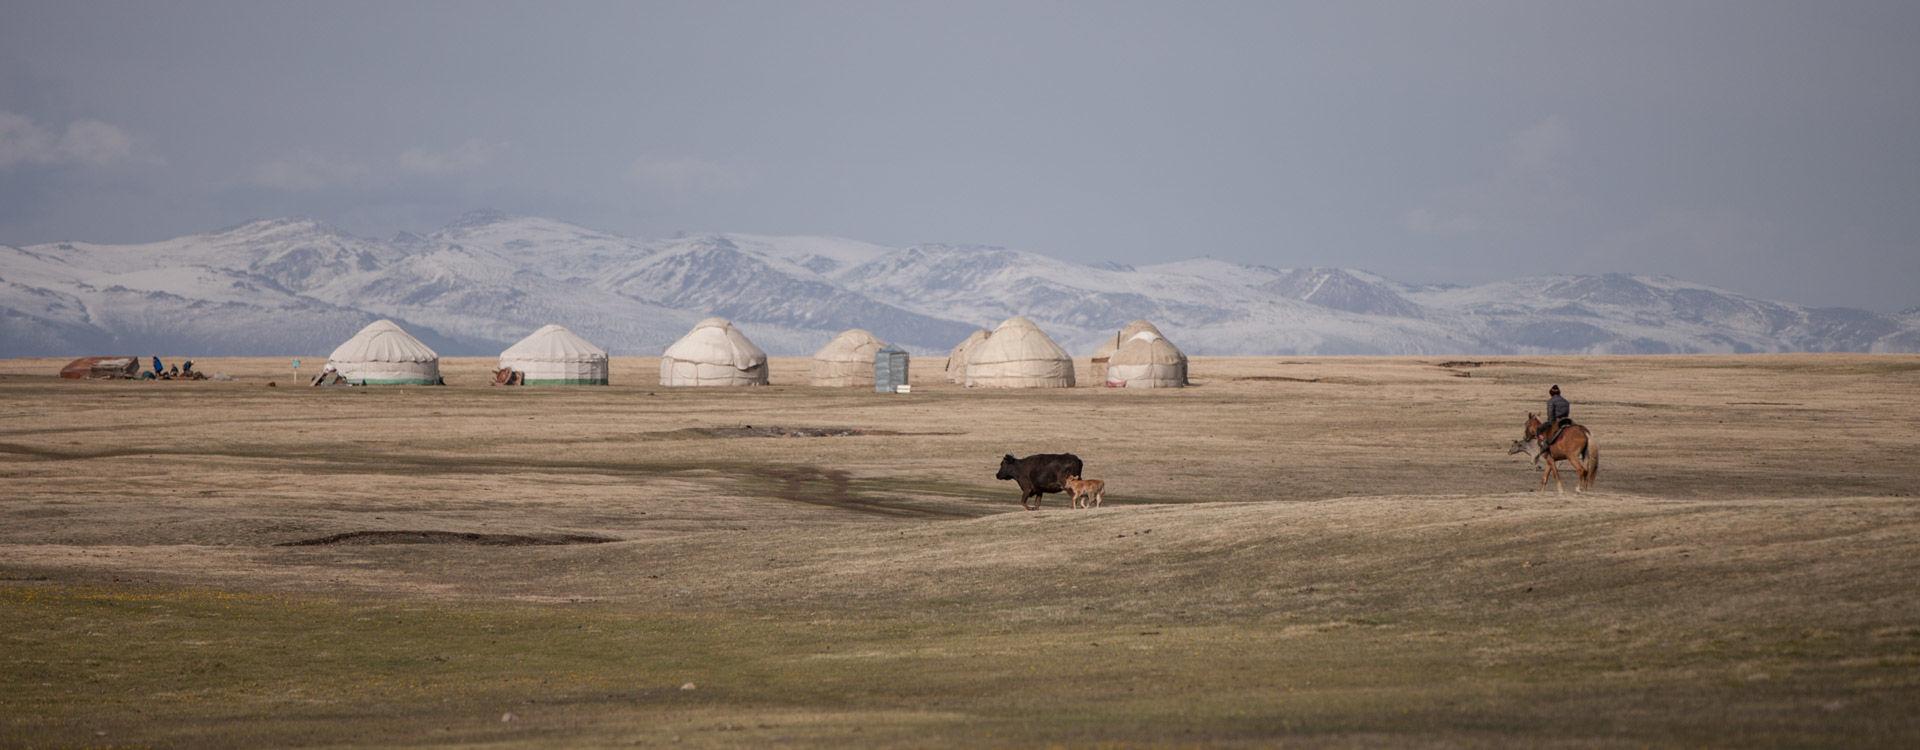 Kirgistan Reiter Und Nomadenvolk